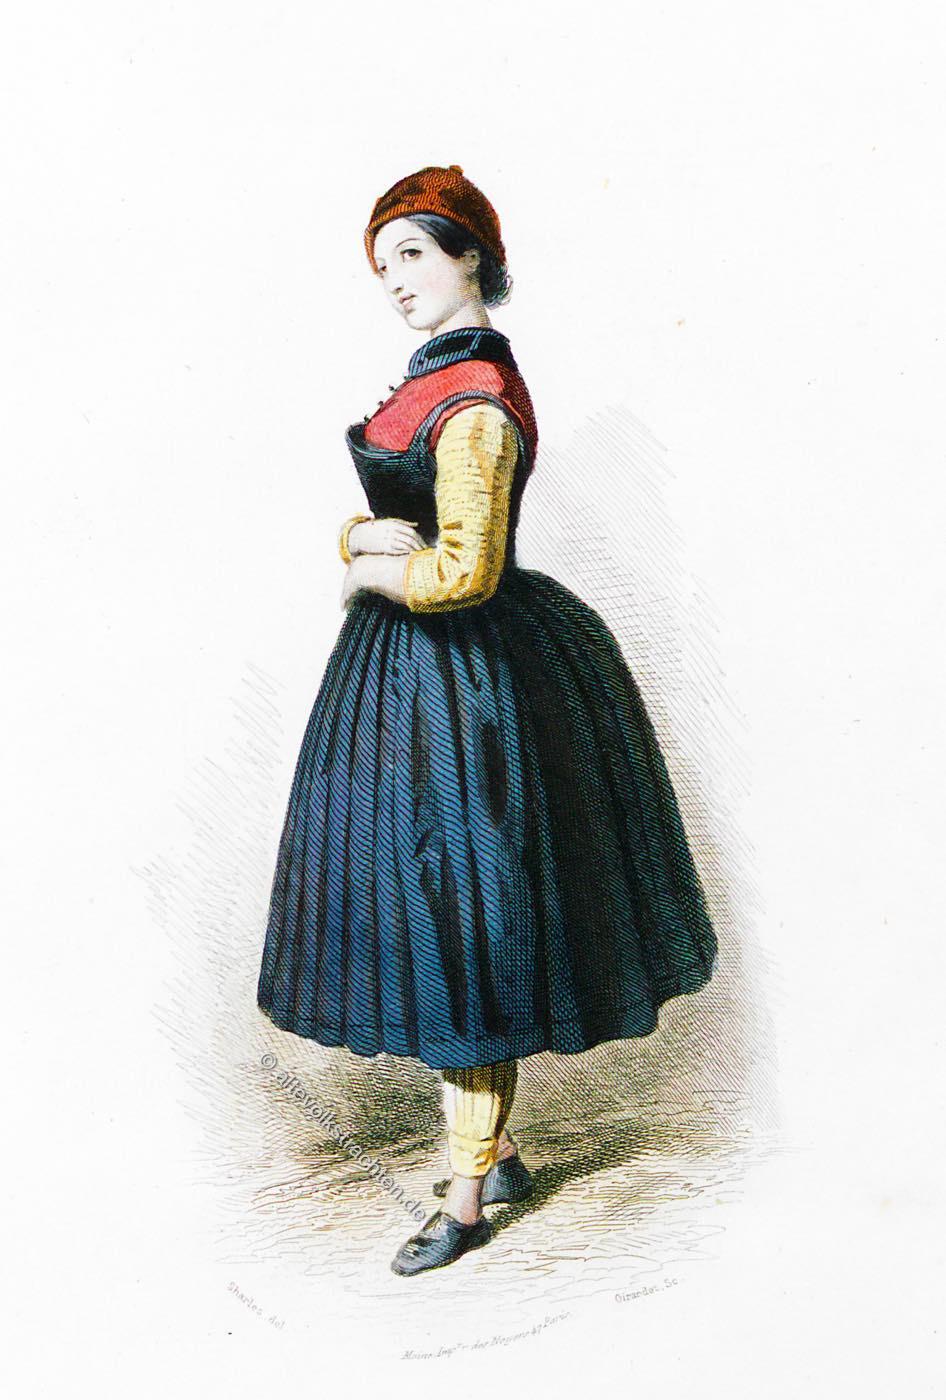 Tracht, Dirndl, Kleidung, Schäferin, Jennbach, Tirol, Österreich